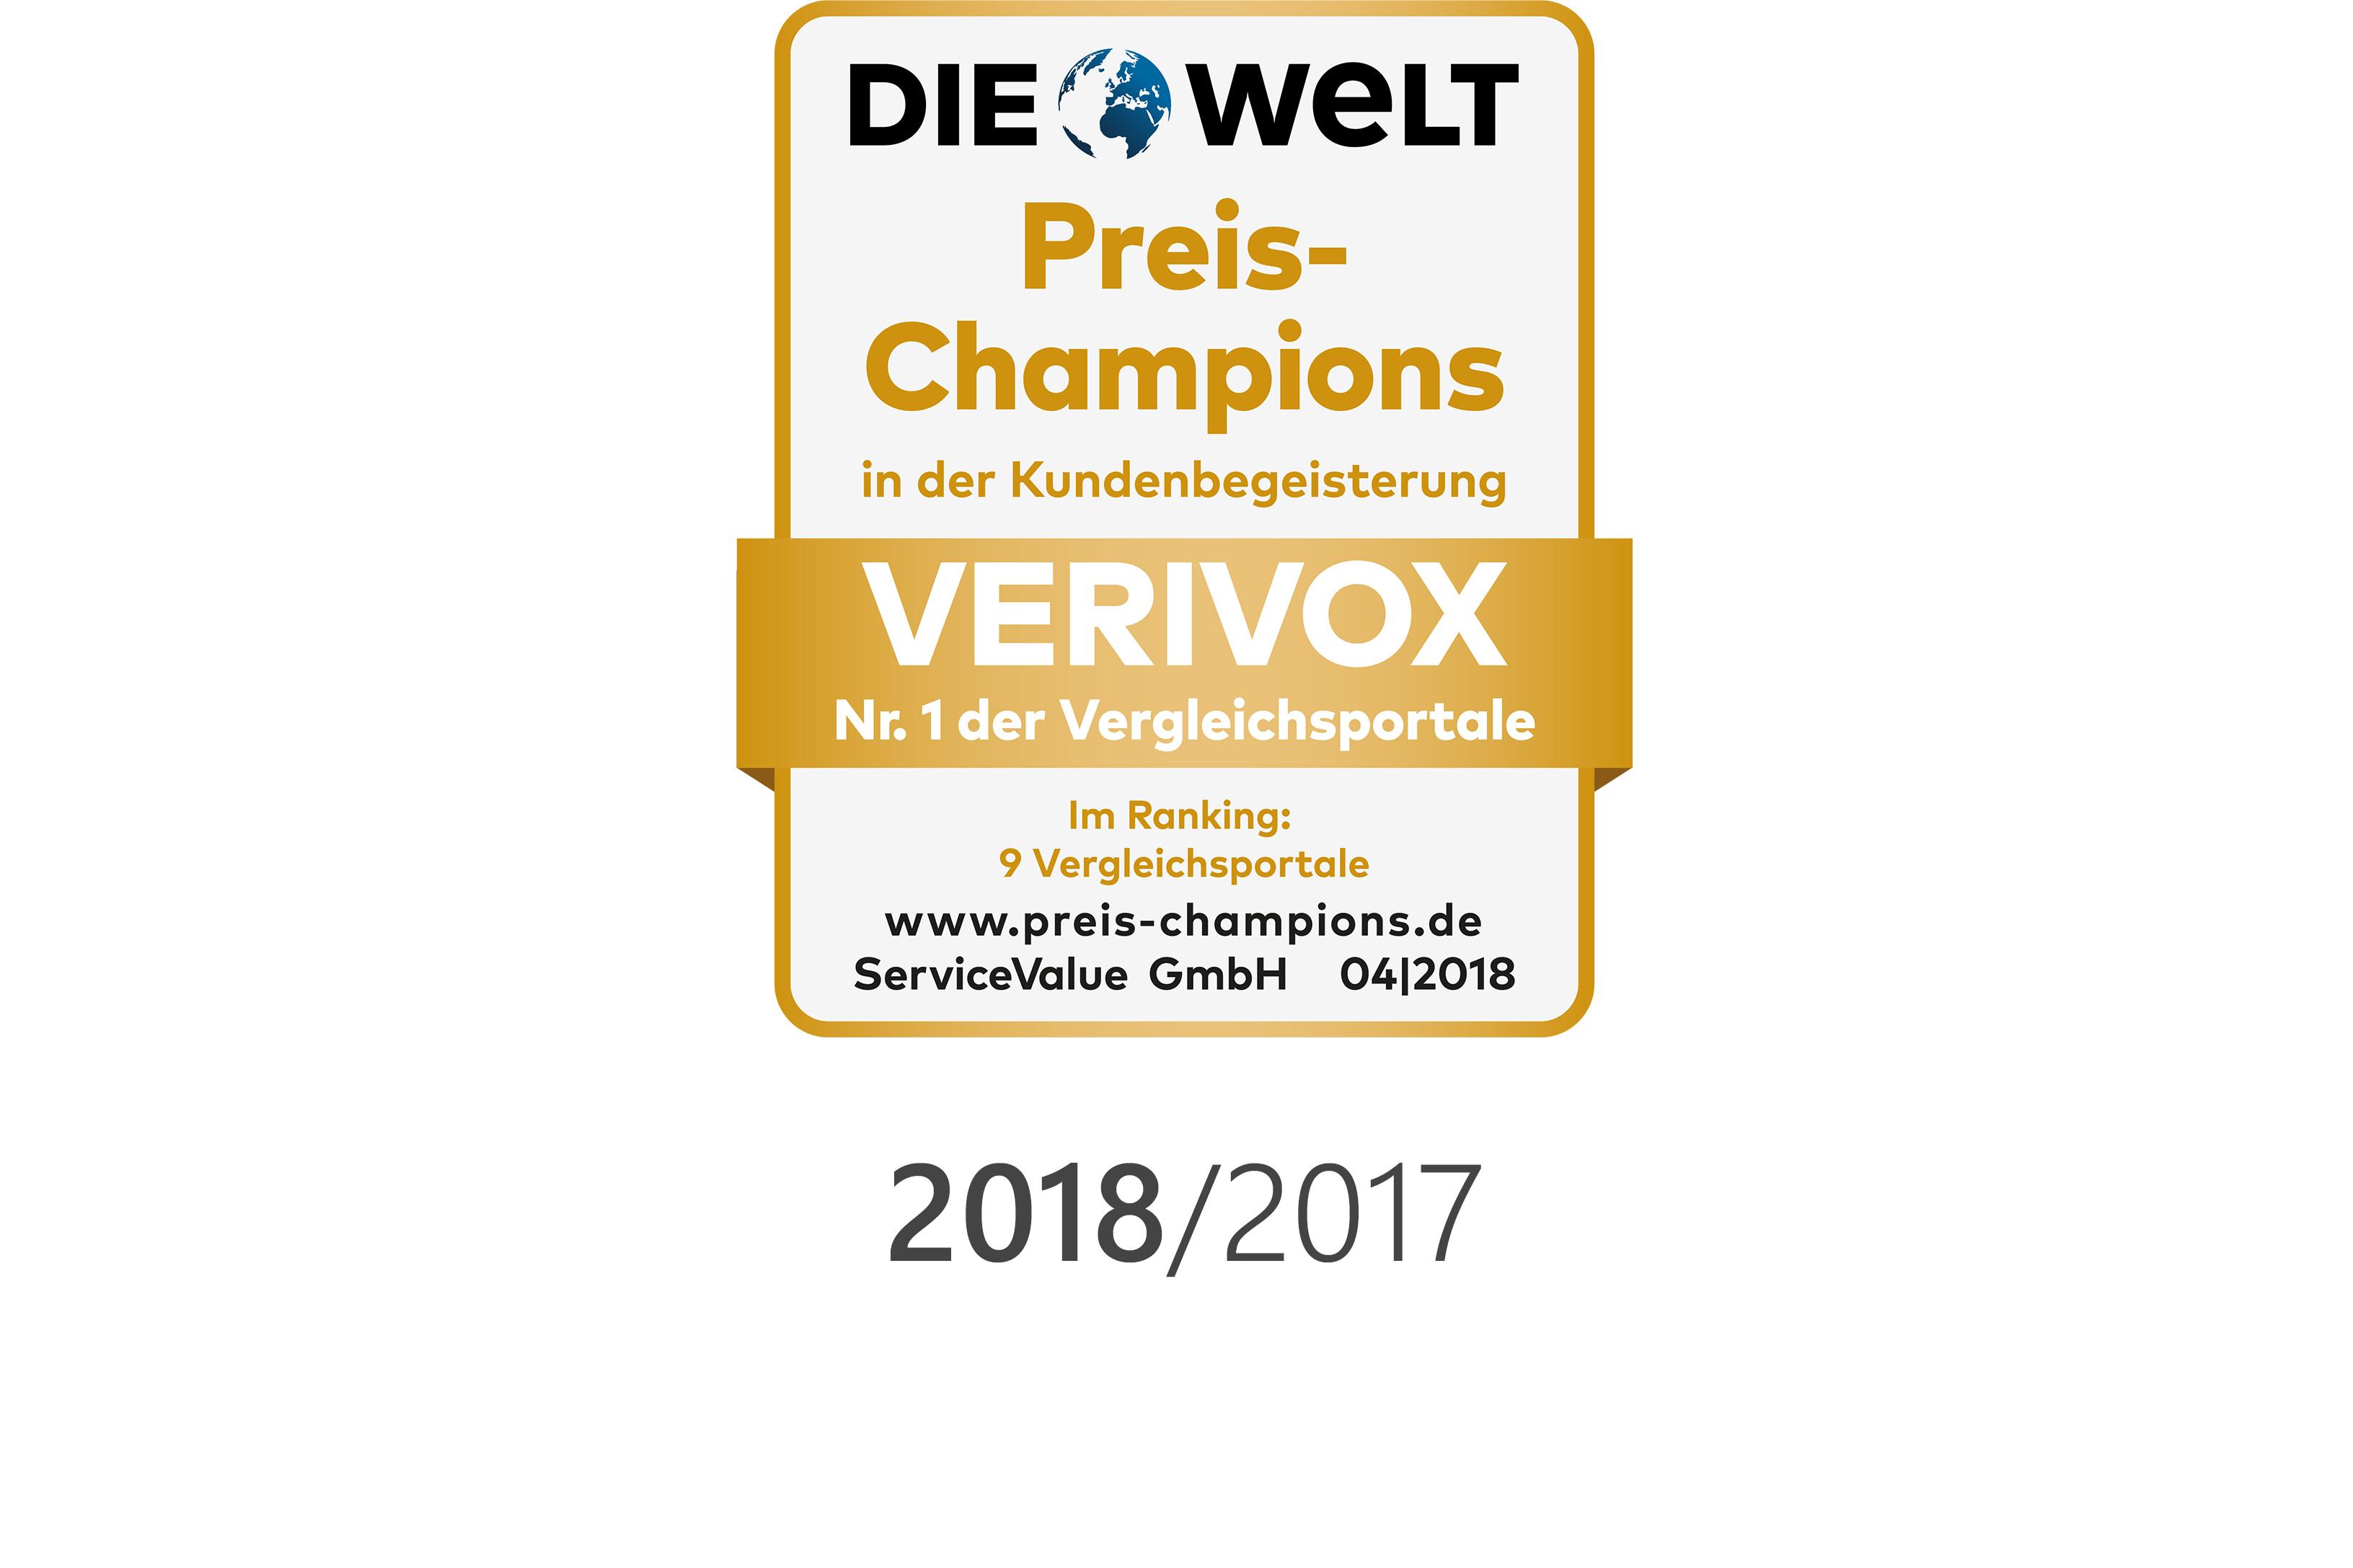 Die-Welt_Preischampions_2018-2017